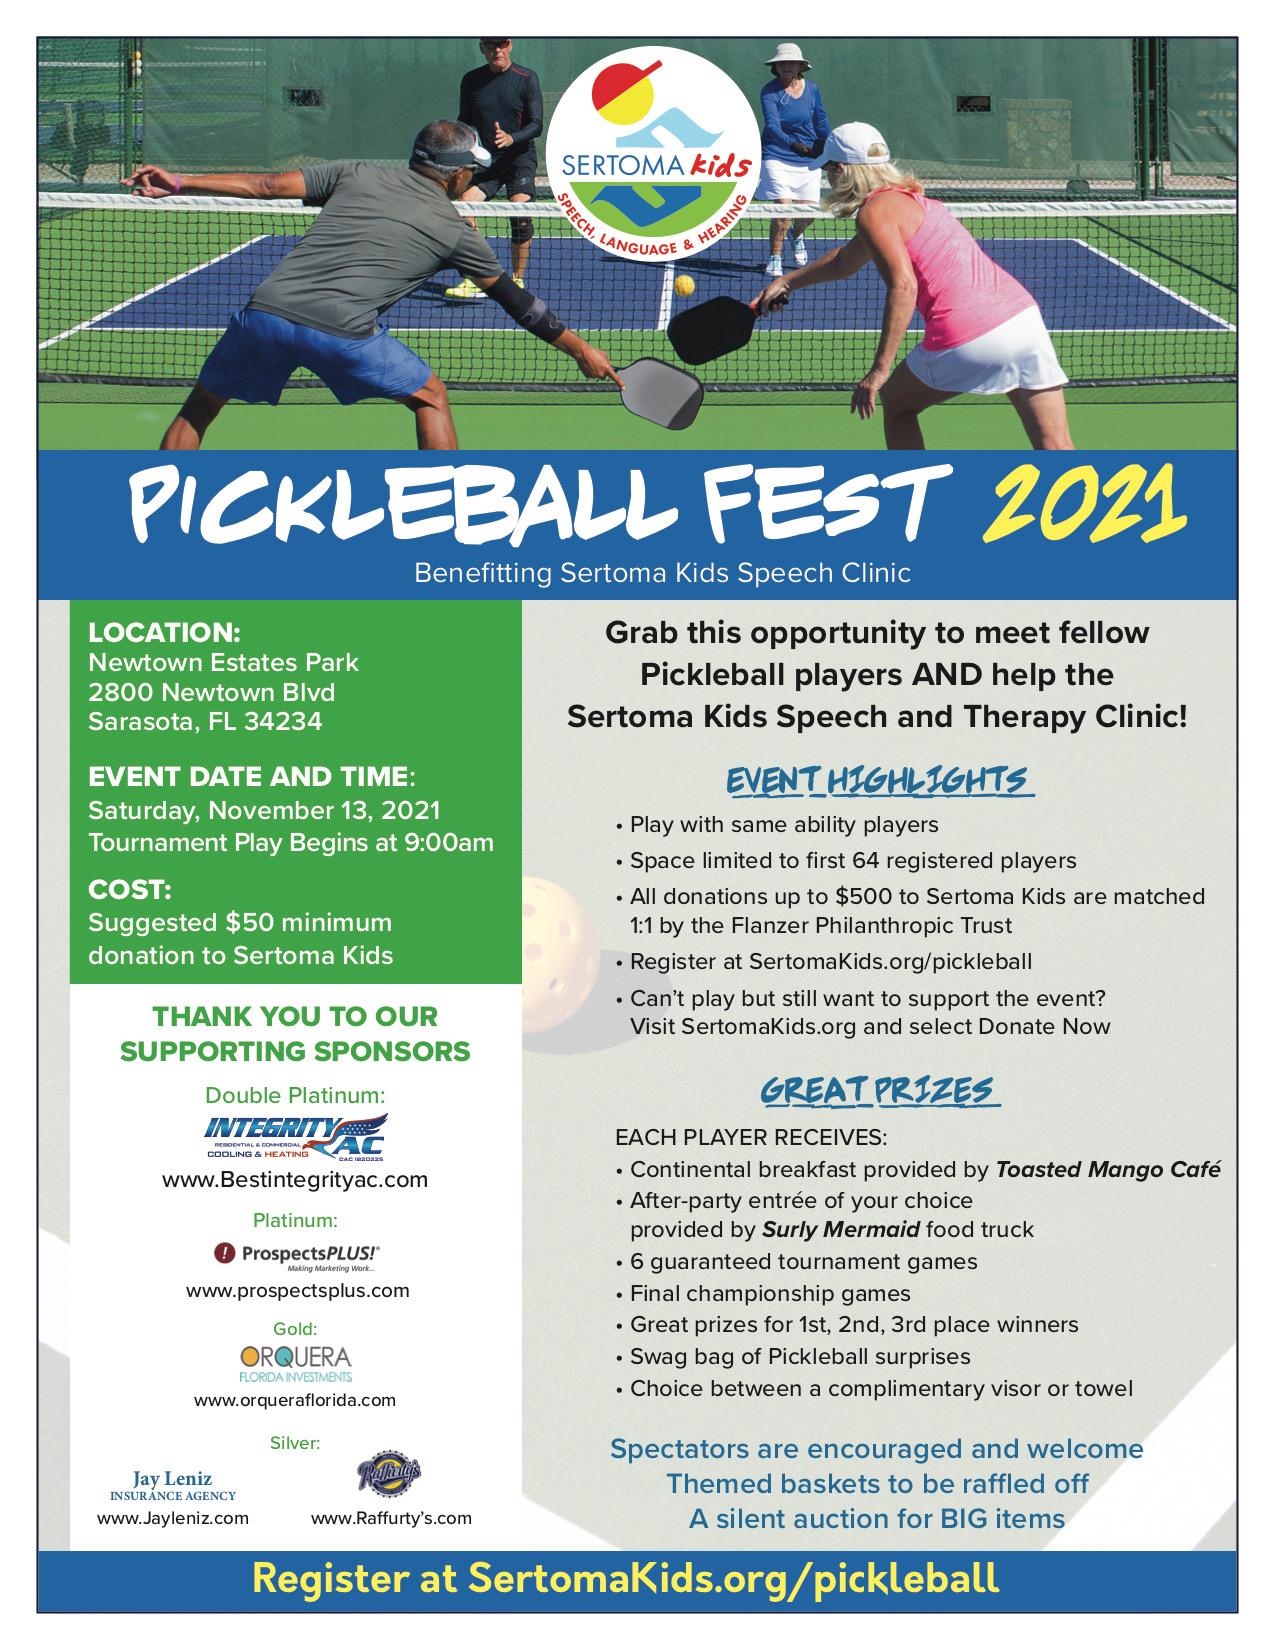 pickleball-fest-.jpg